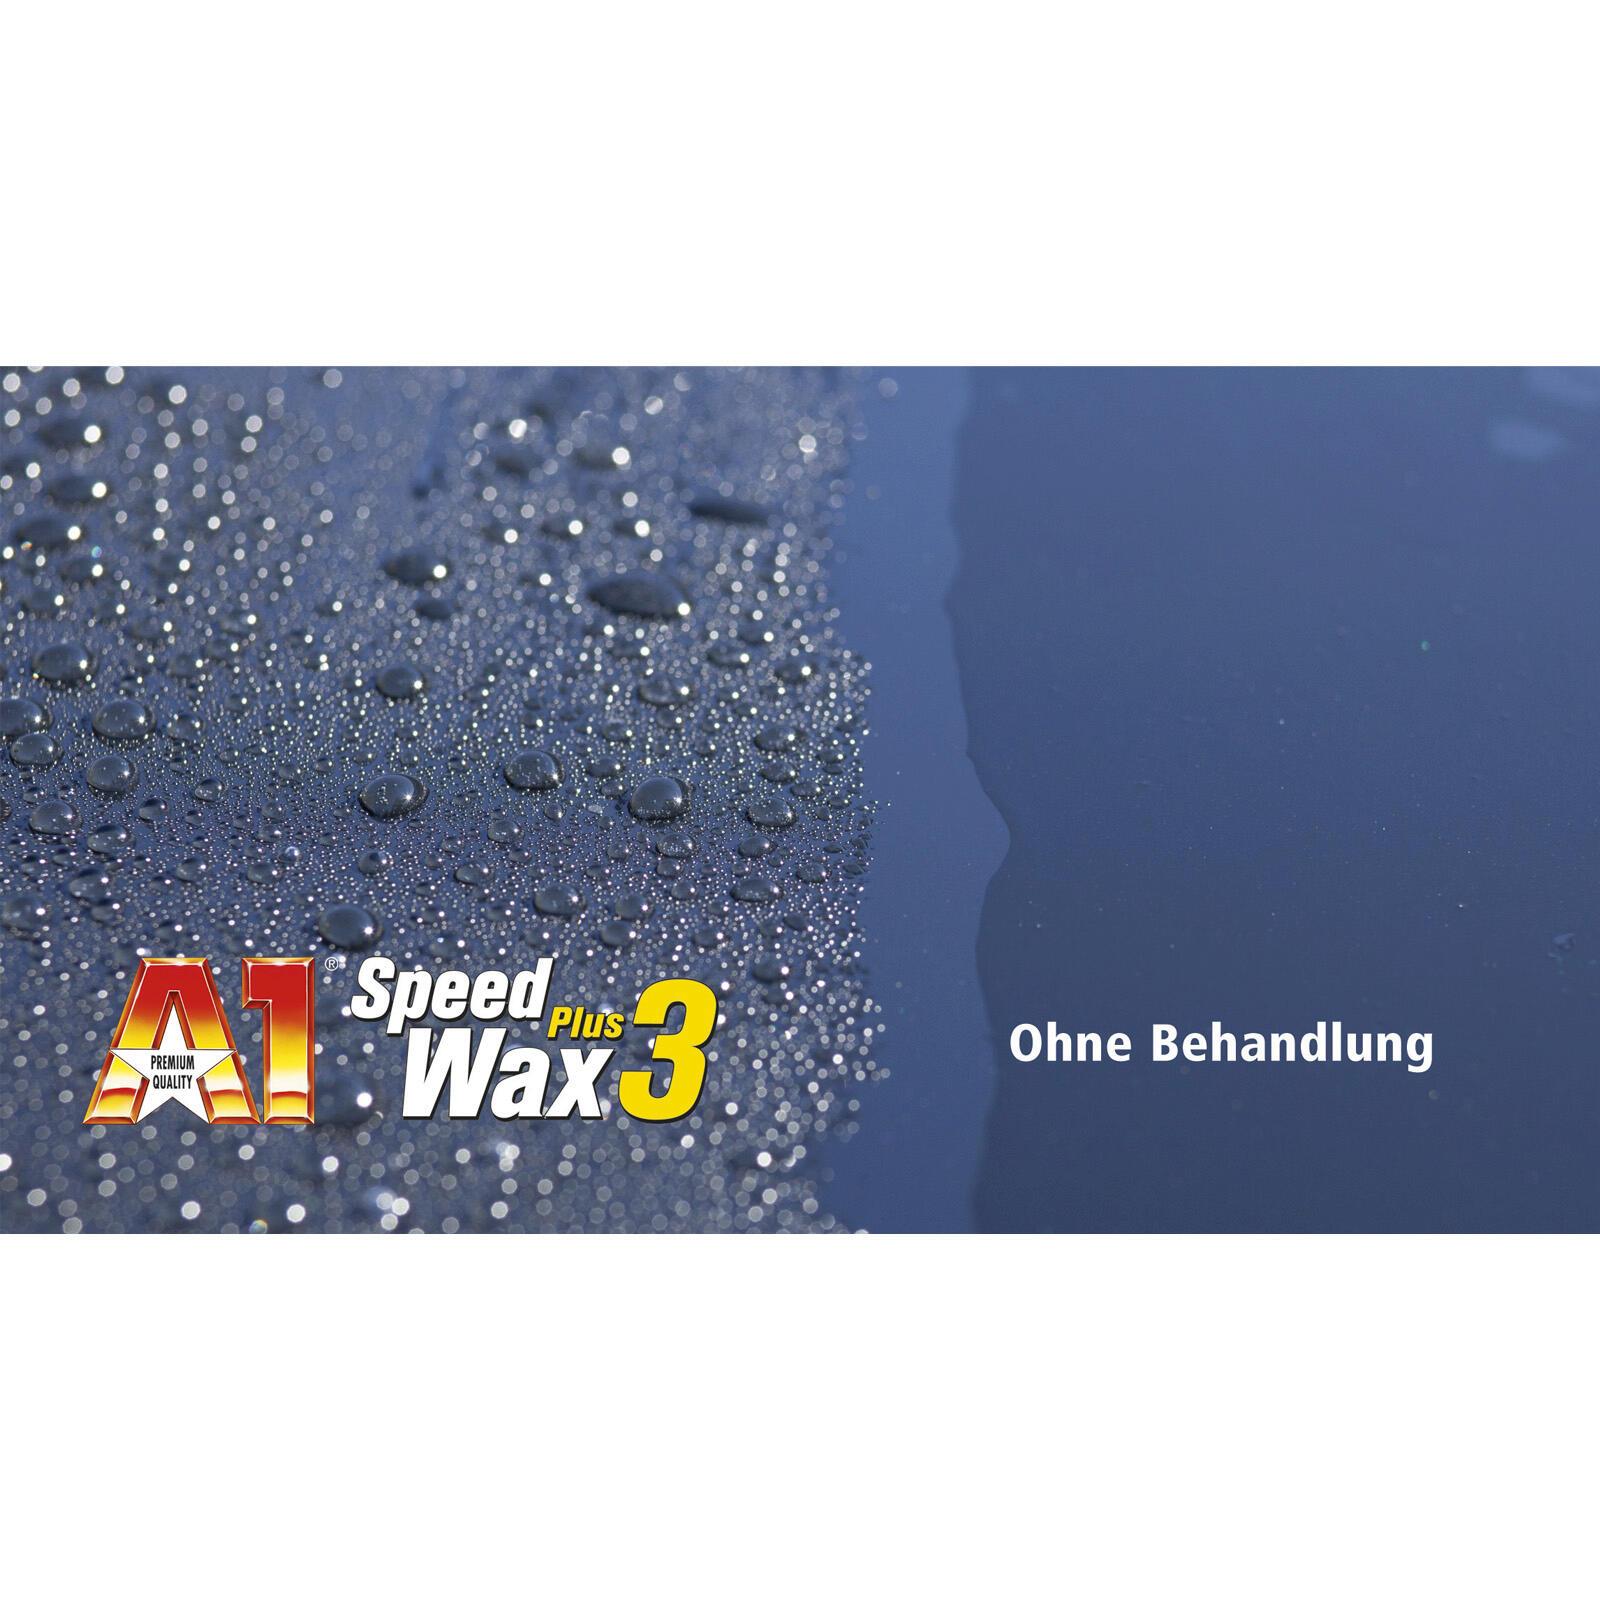 Dr. Wack A1 Speed Wax Plus 3 500 ML langfristiger Lackschutz Carnauba Booster